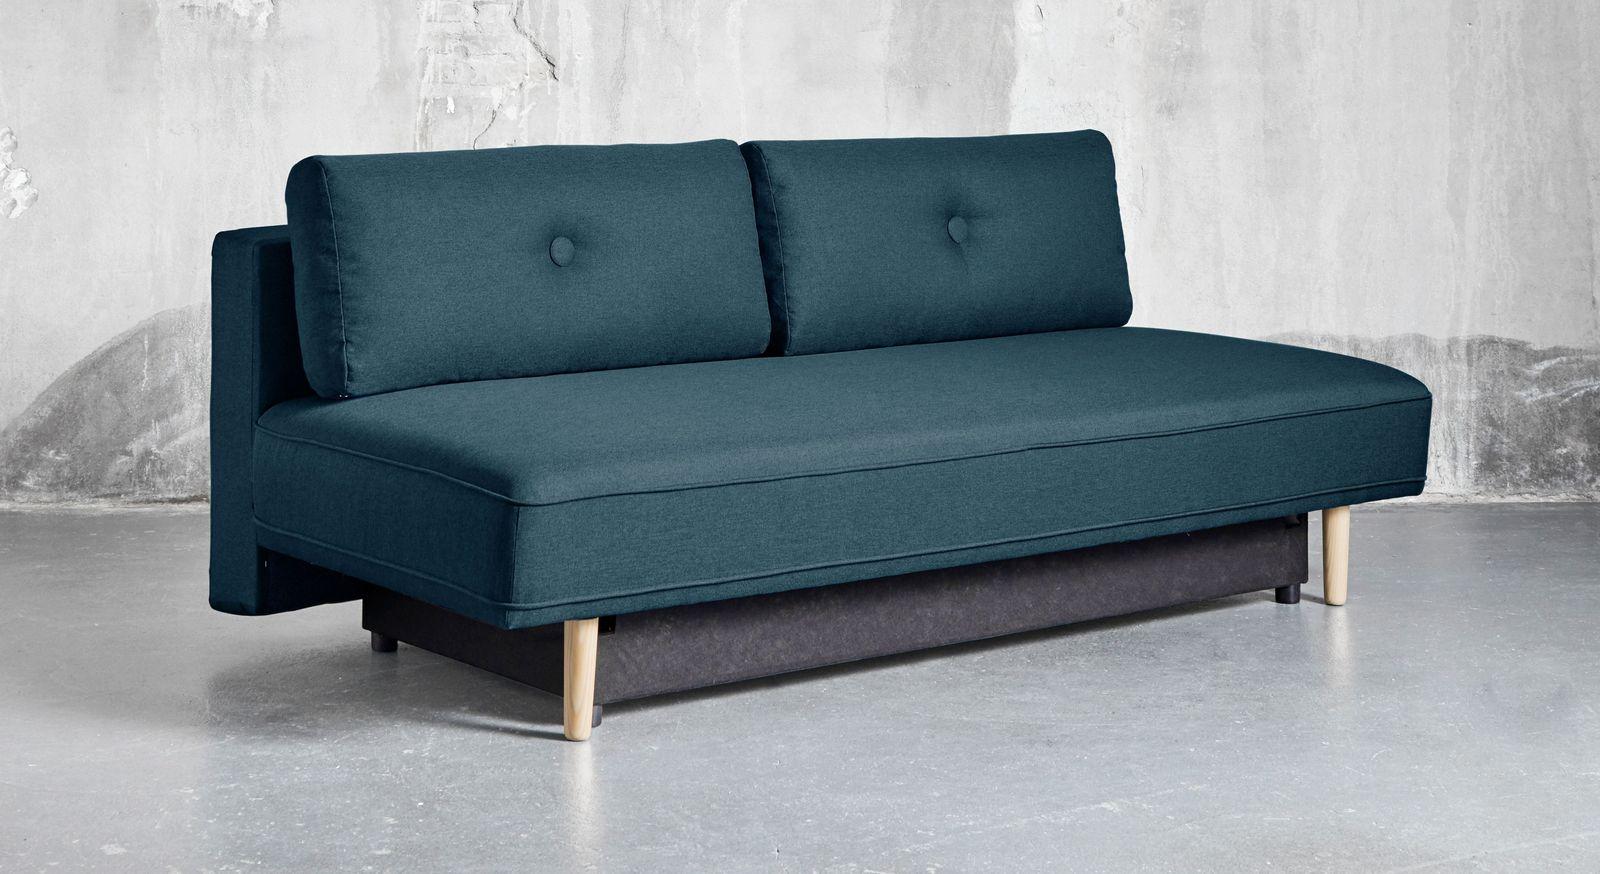 gstesofa mit bettkasten best mit bettkasten ue oschmann image bett mit bettkasten mit kopfteil. Black Bedroom Furniture Sets. Home Design Ideas